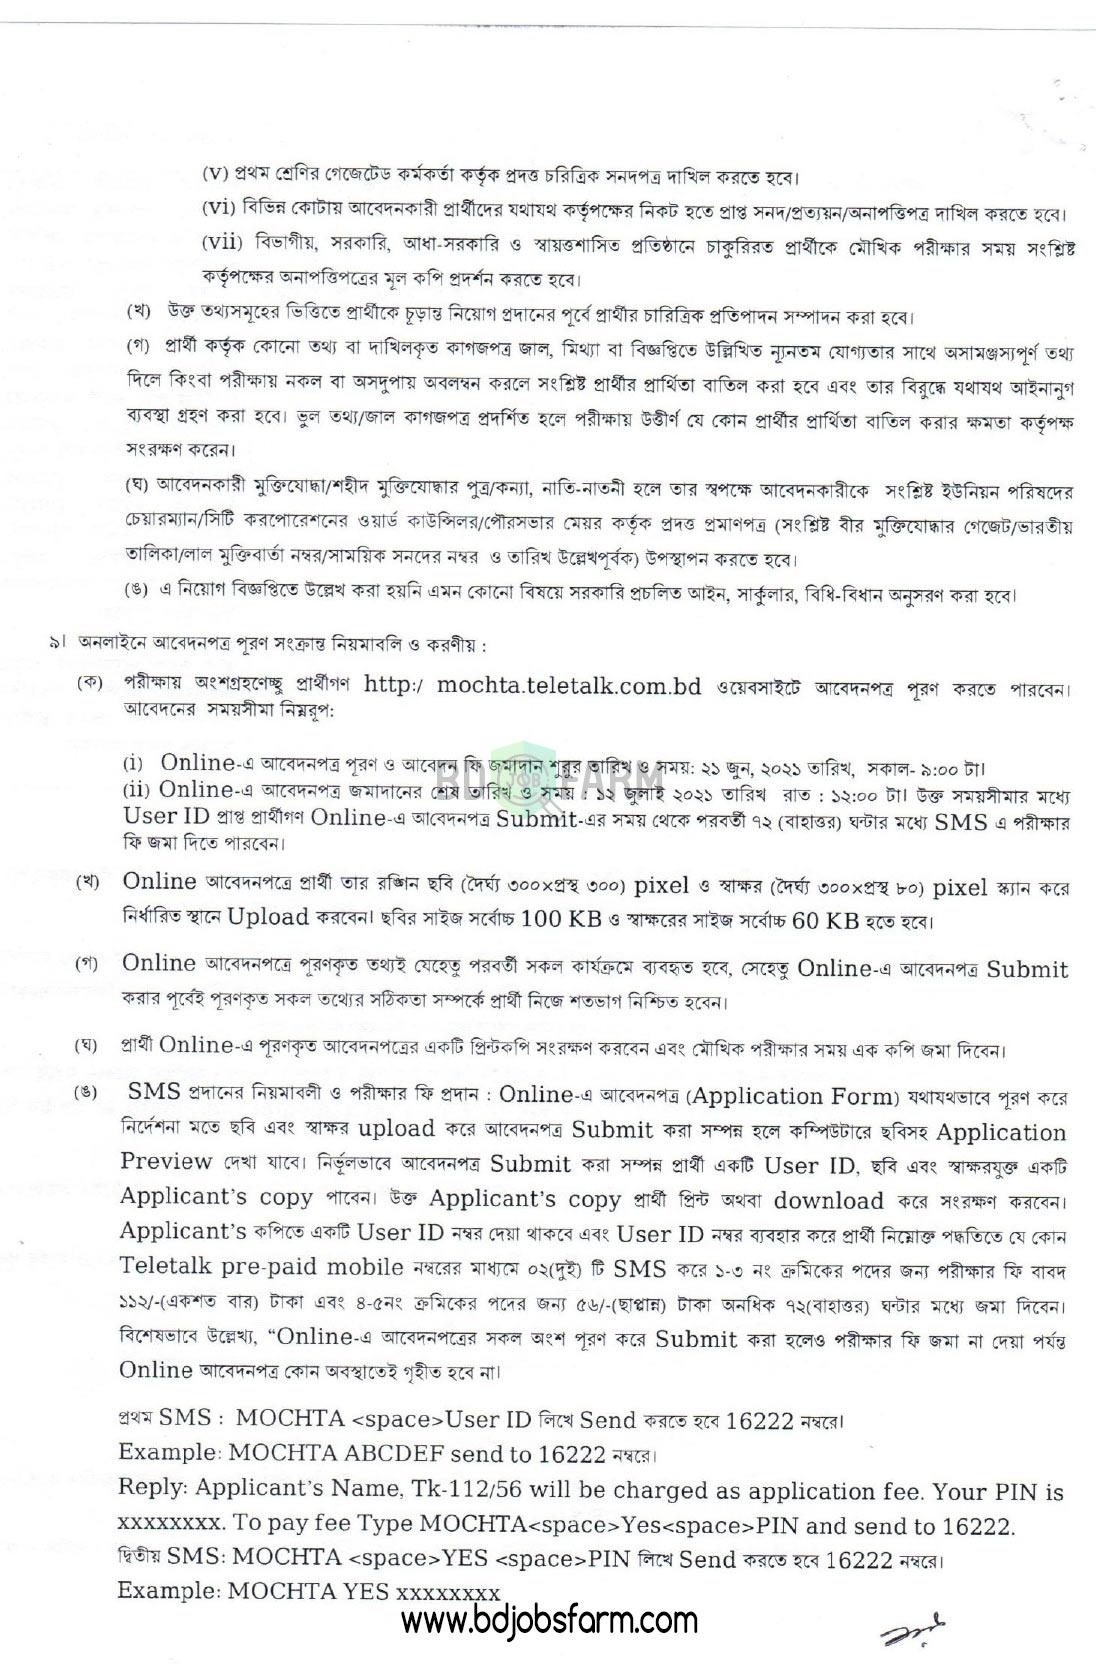 পার্বত্য চট্টগ্রাম বিষয়ক মন্ত্রণালয় নিয়ােগ বিজ্ঞপ্তি